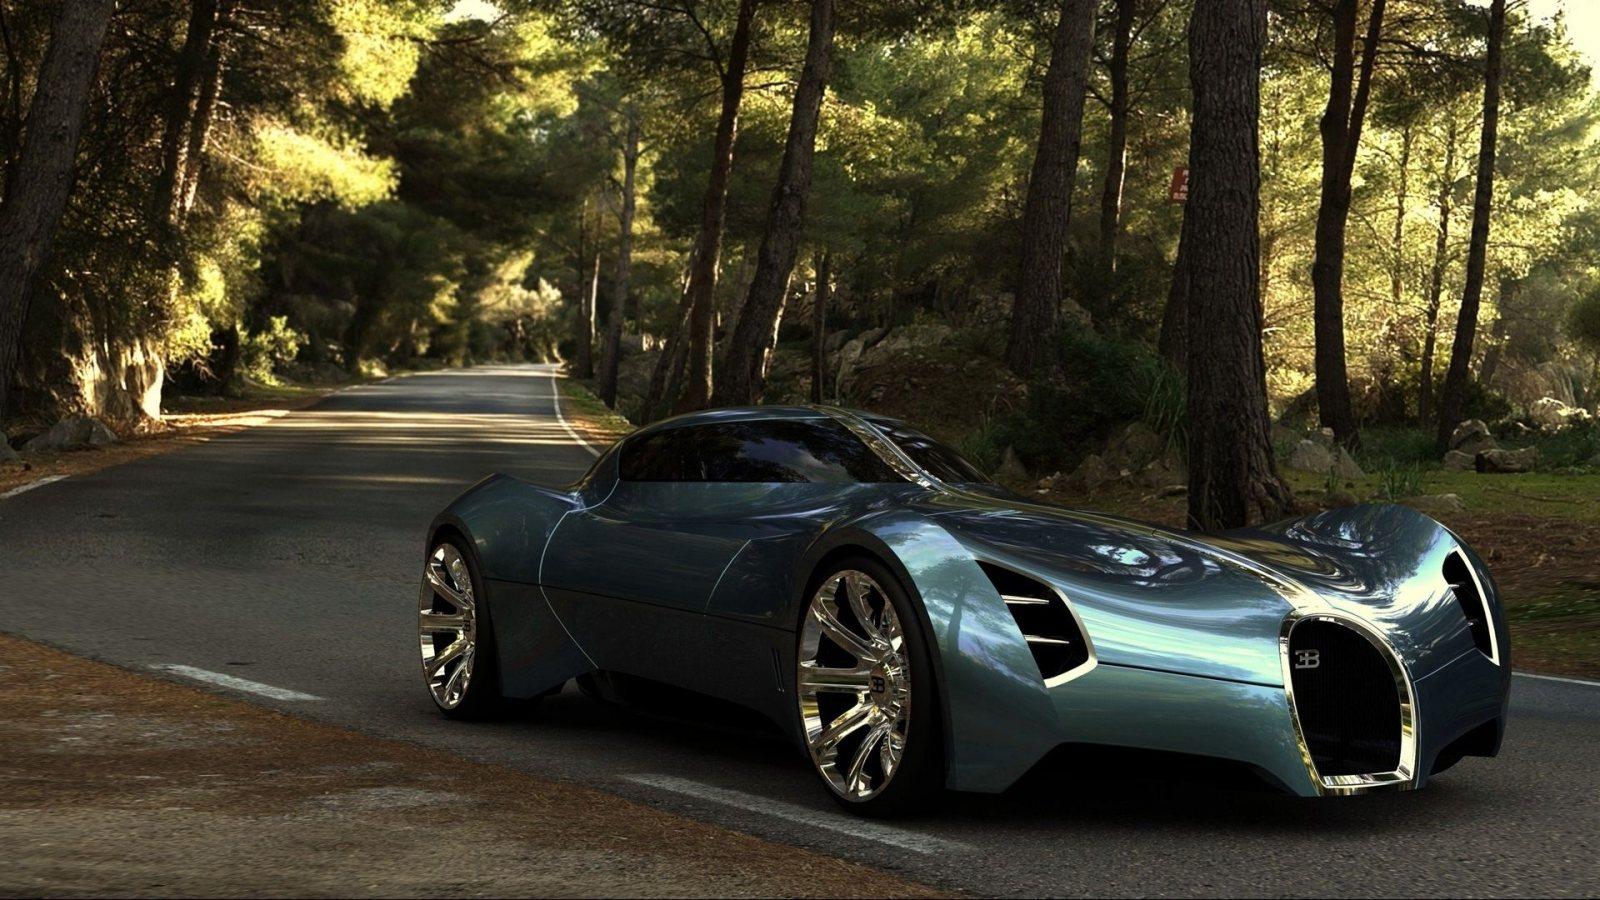 Dodge Aero >> Bugatti Aeolithe Concept Car Futuristic Design ~ HD Car Wallpapers